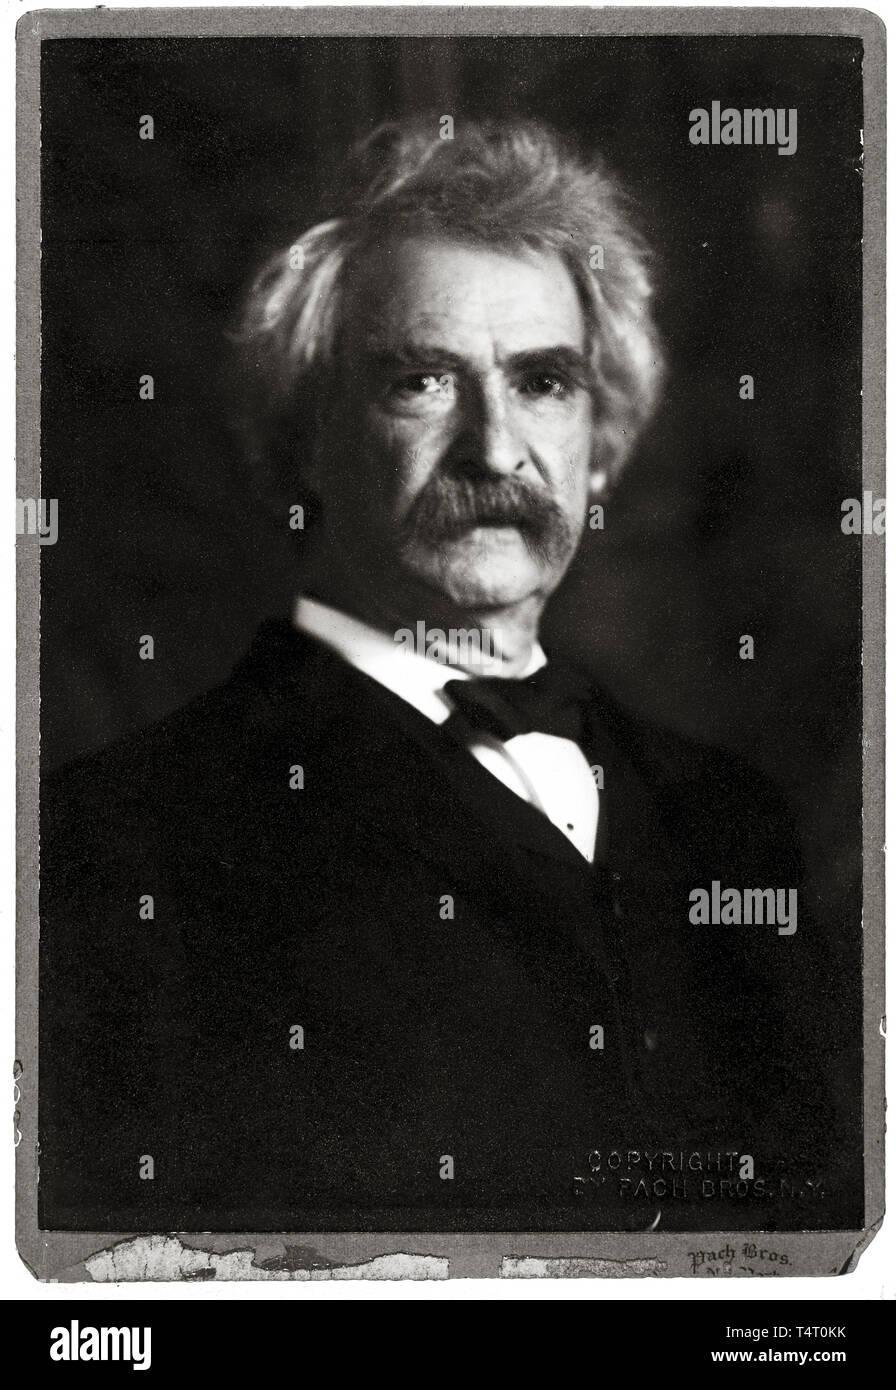 Mark Twain (1835-1910), portrait photograph, 1906, Pach Bros, NY Stock Photo